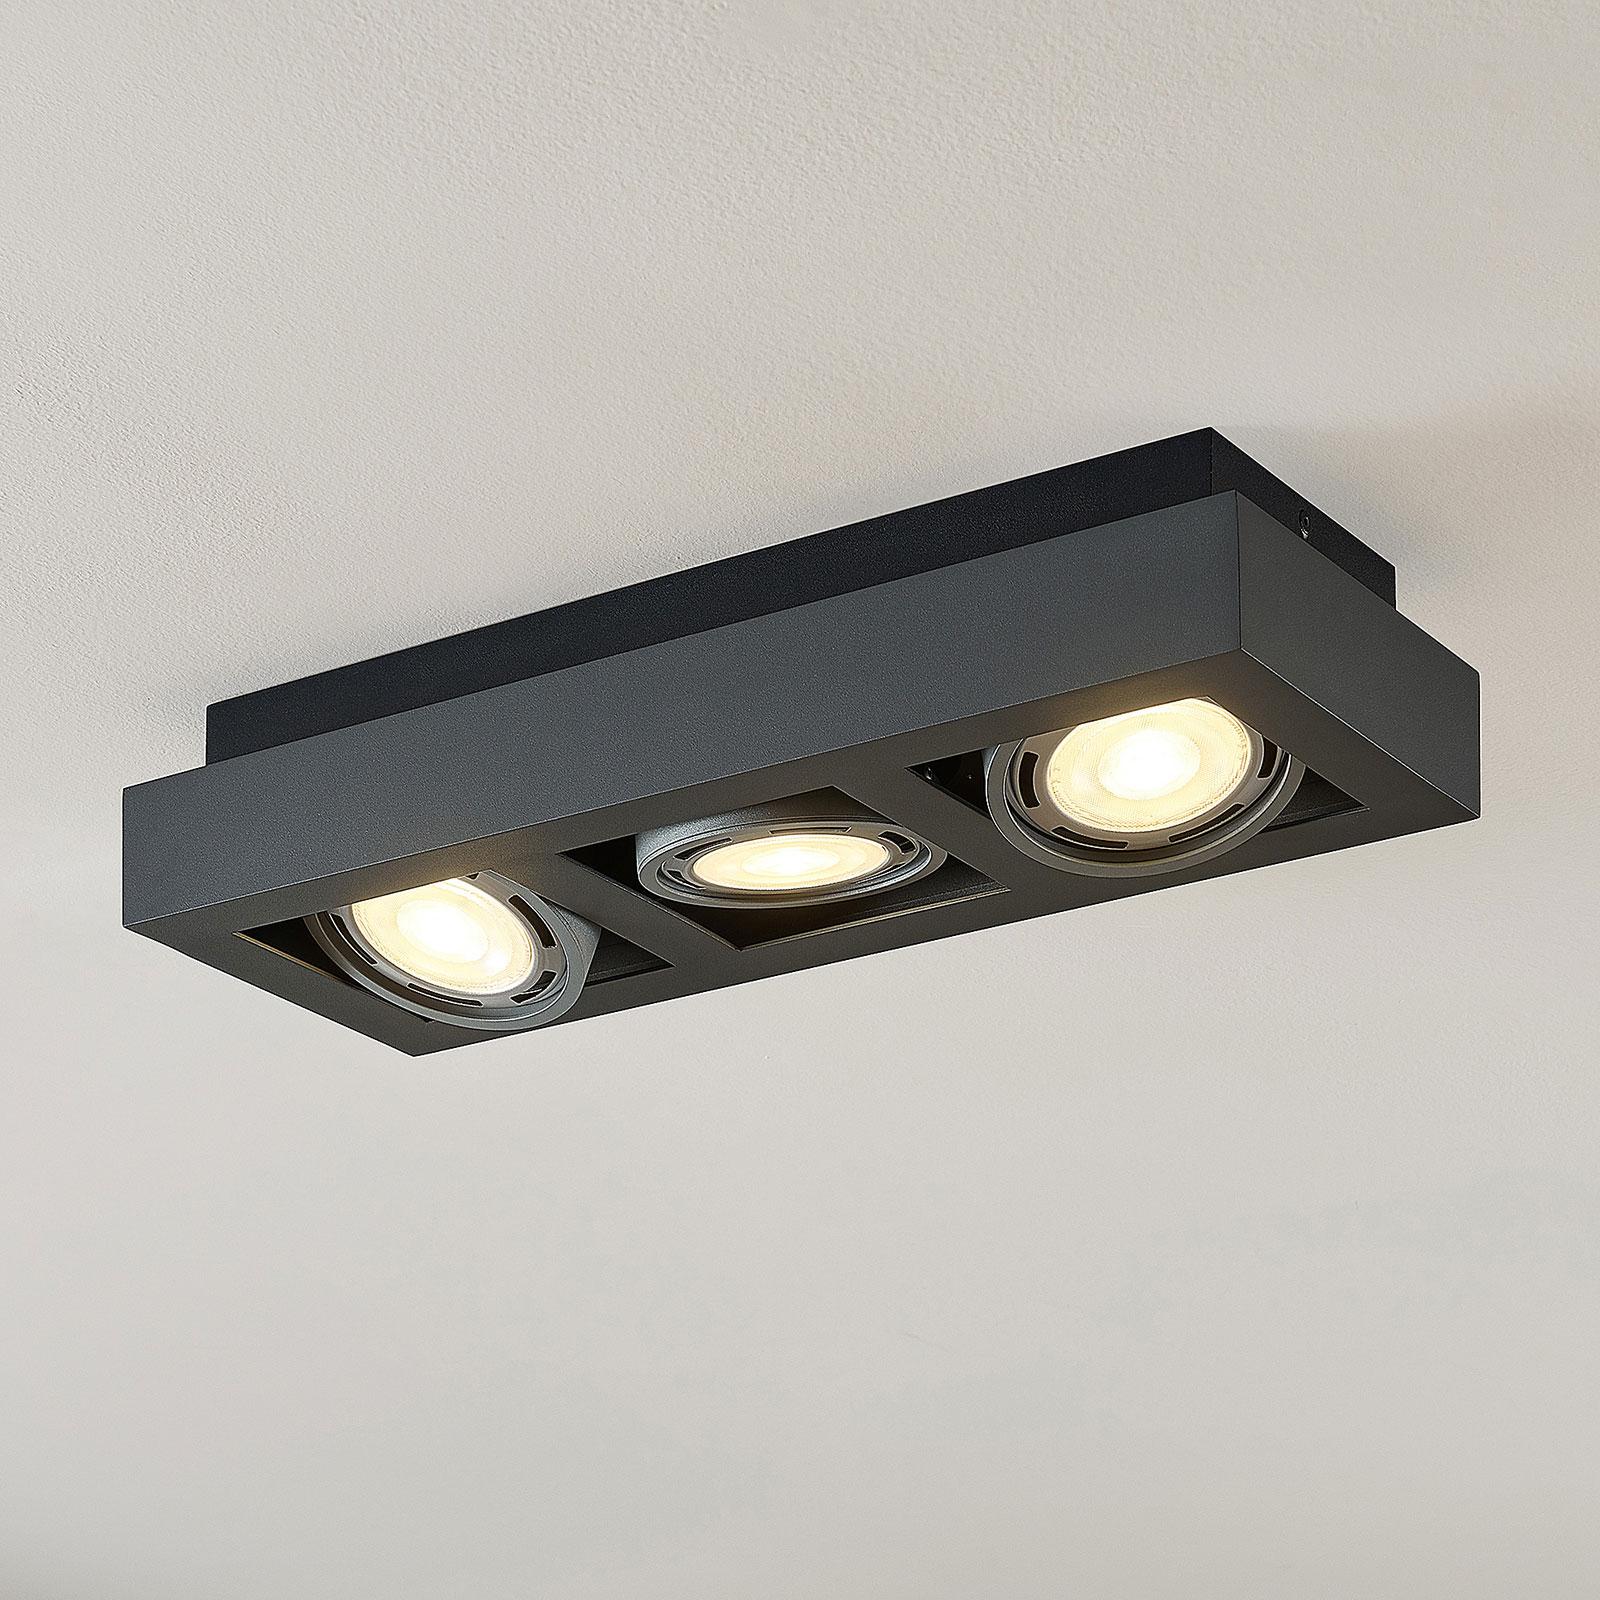 LED-takspot Ronka, GU10, 3 lyskilder, mørkegrå